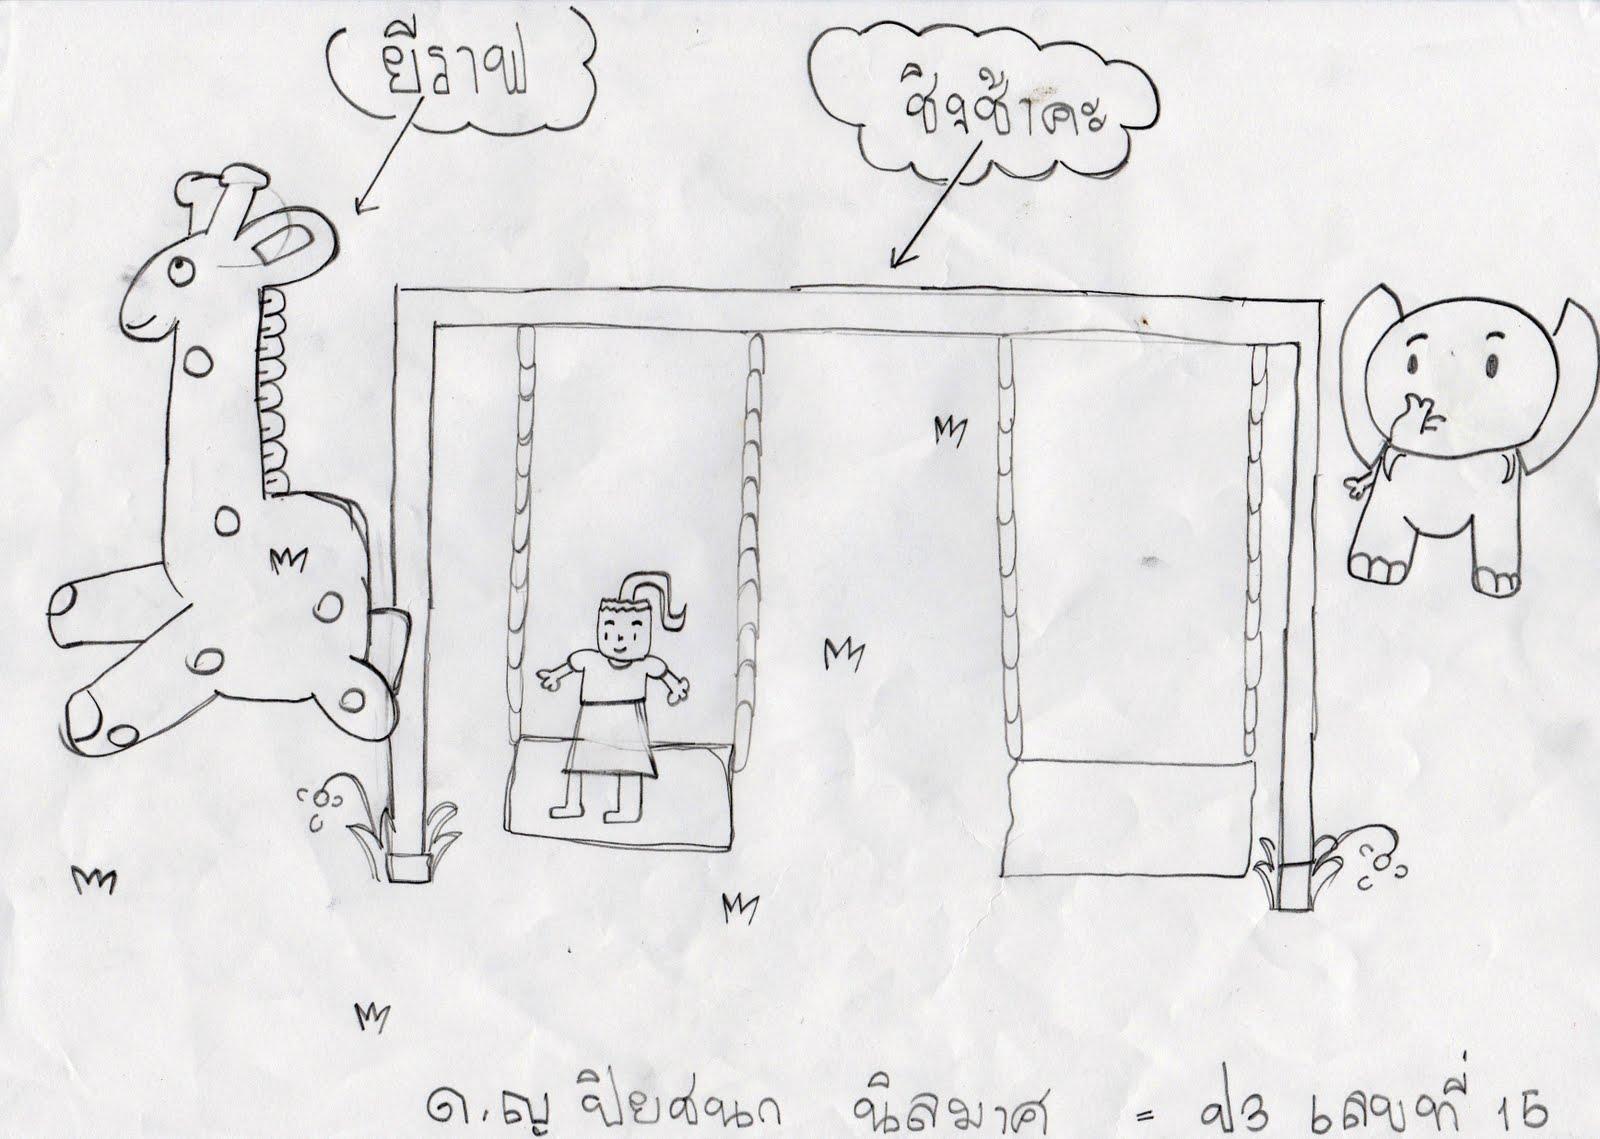 FLOW >>> Songkhla Design/Build School Improvements